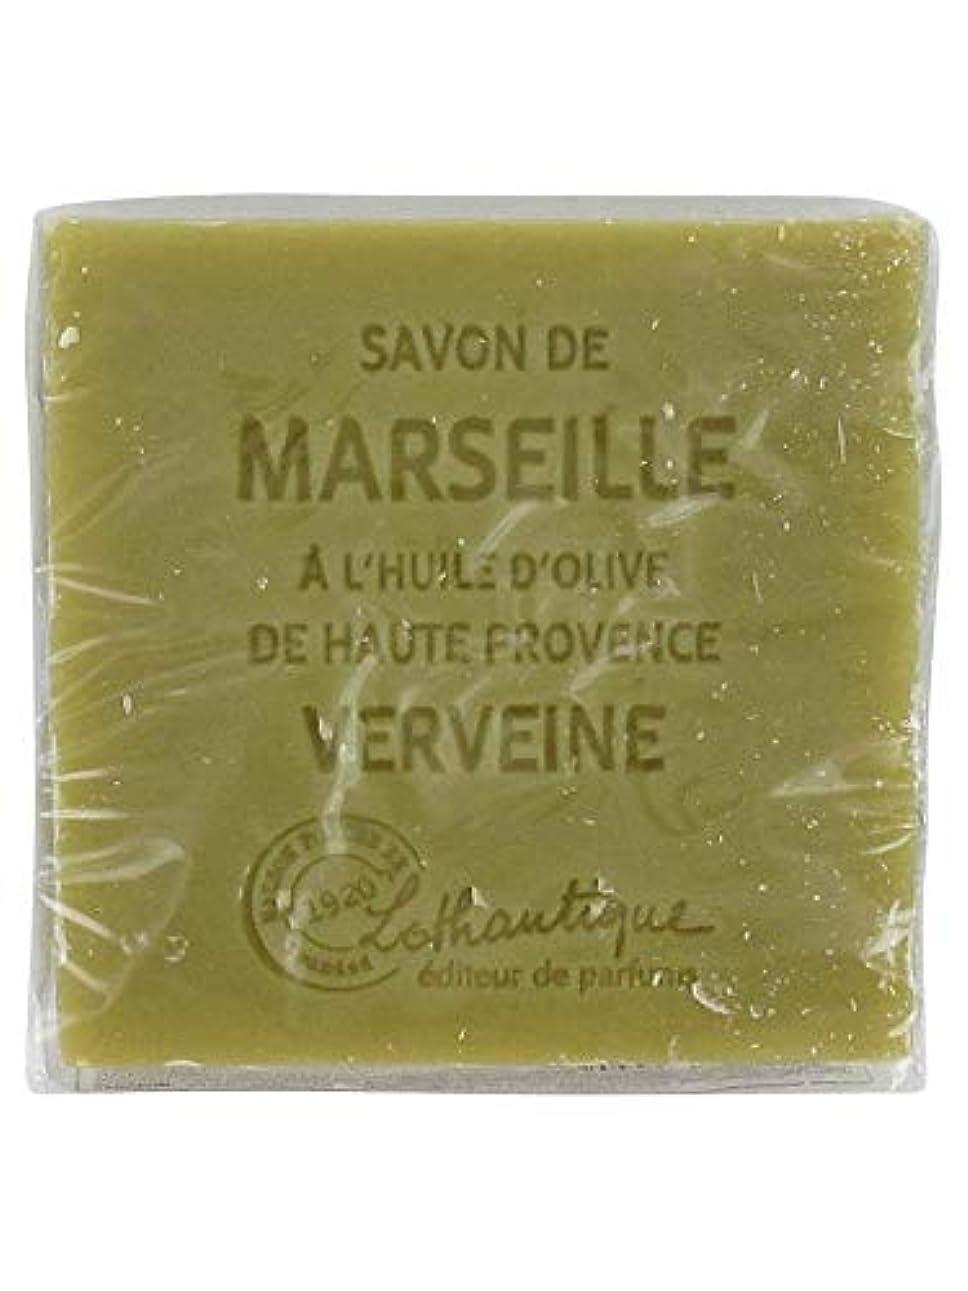 障害者文字通りシミュレートするLothantique(ロタンティック) Les savons de Marseille(マルセイユソープ) マルセイユソープ 100g 「ベルベーヌ」 3420070038142